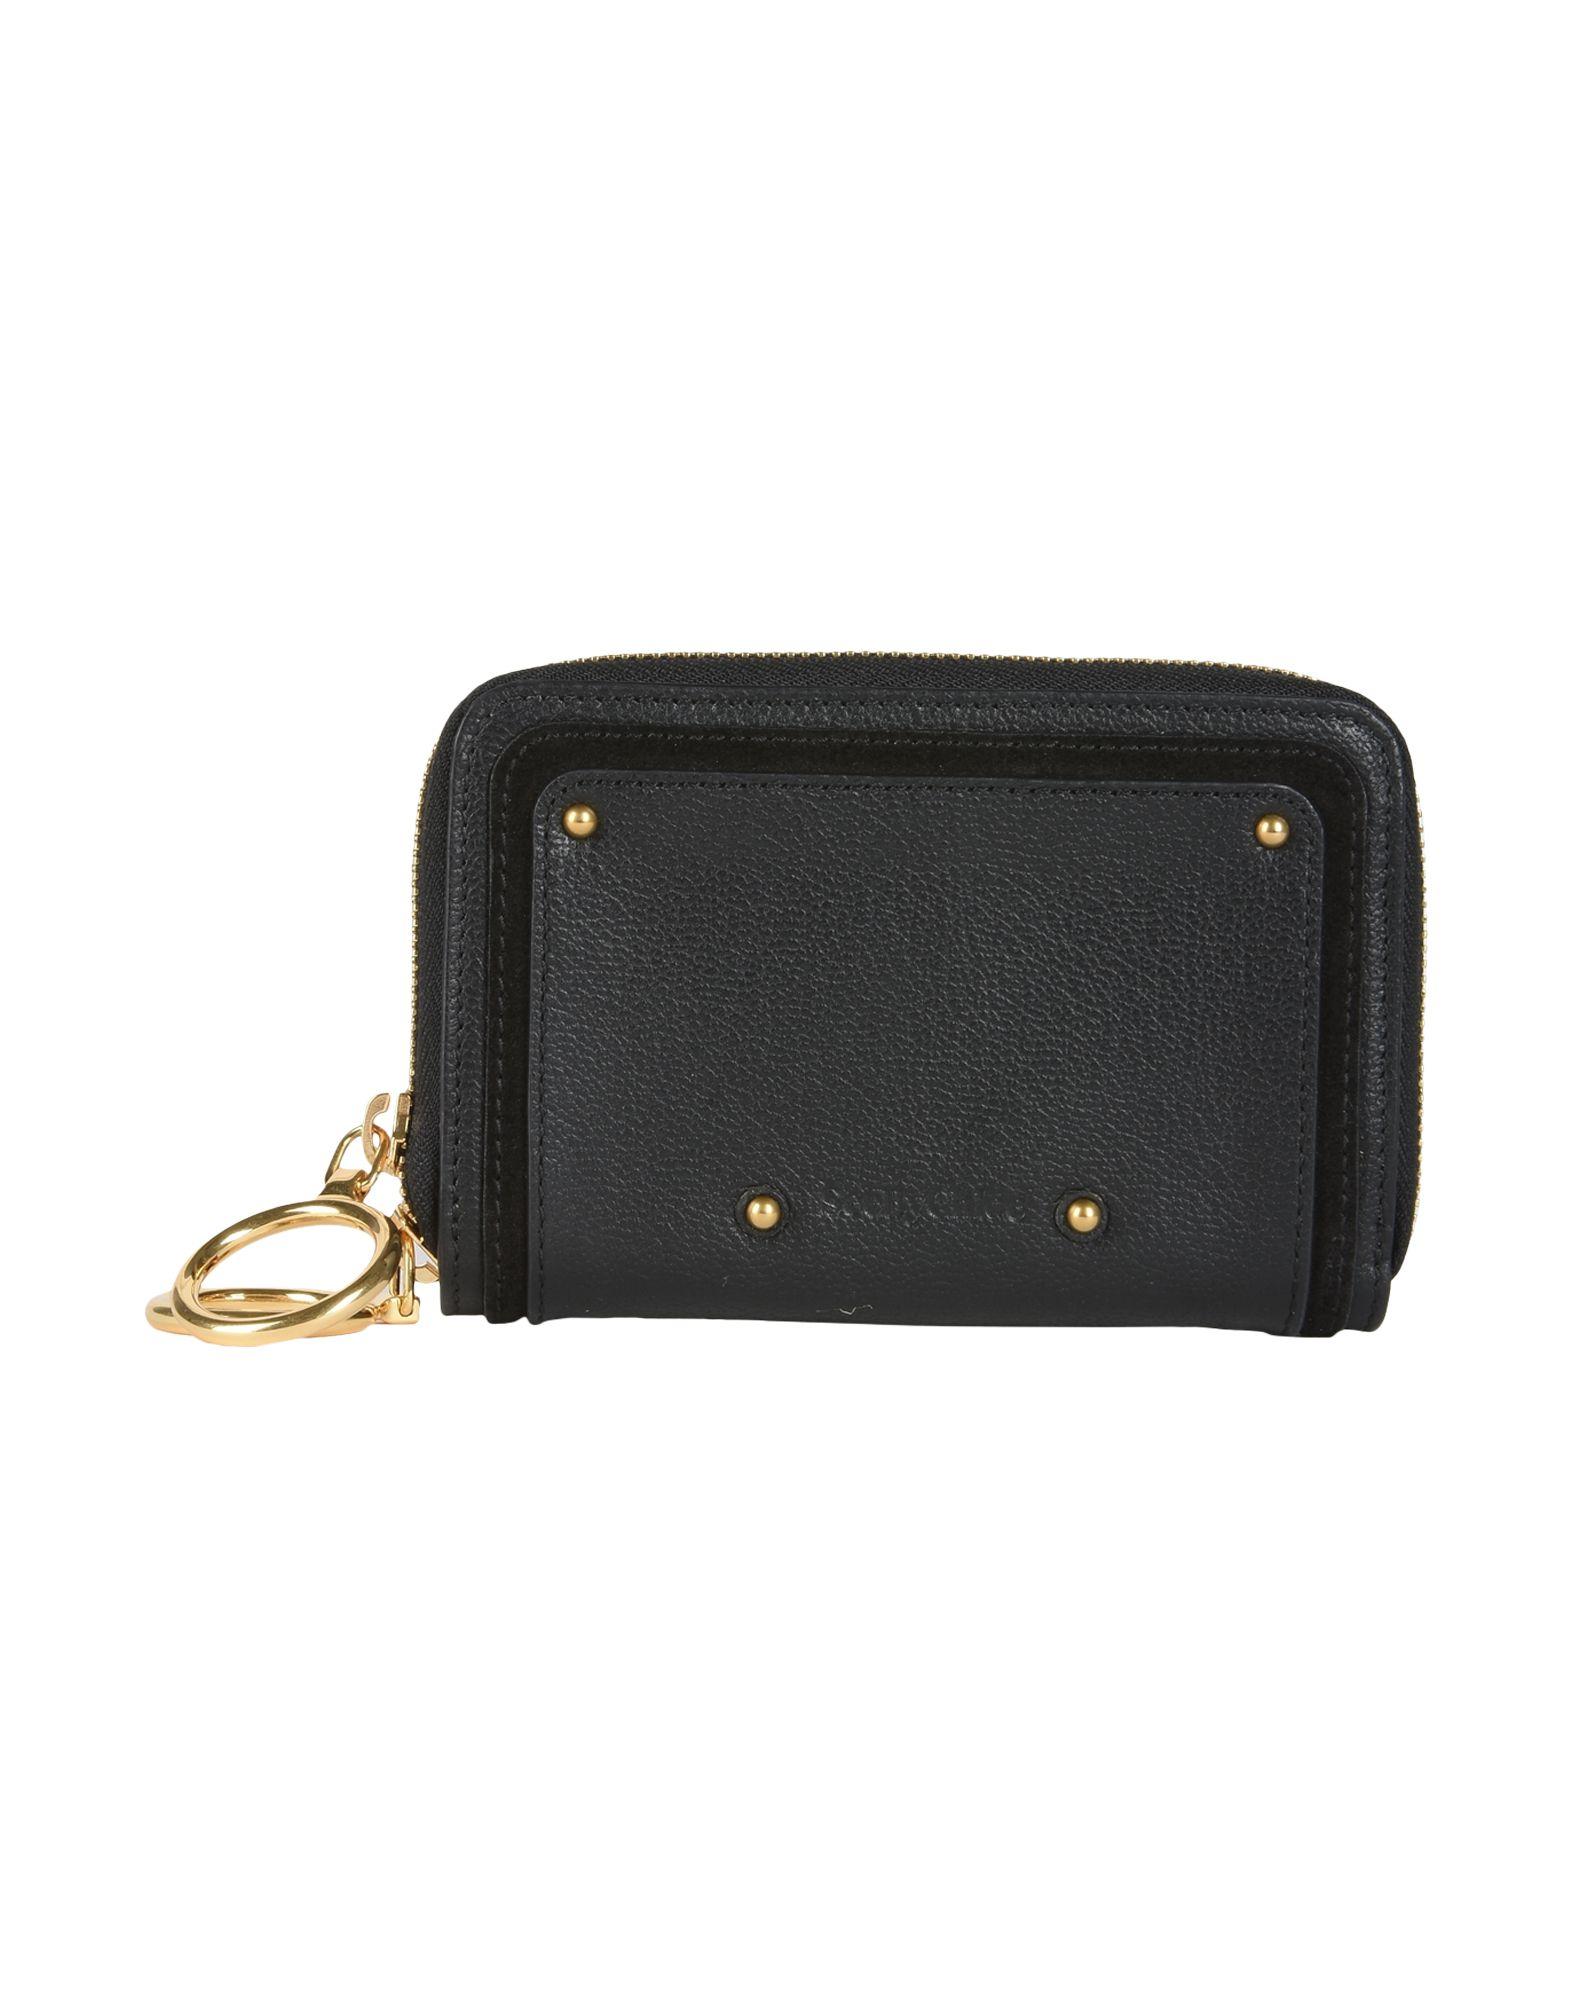 レディース シー バイ クロエ 財布  ブラック